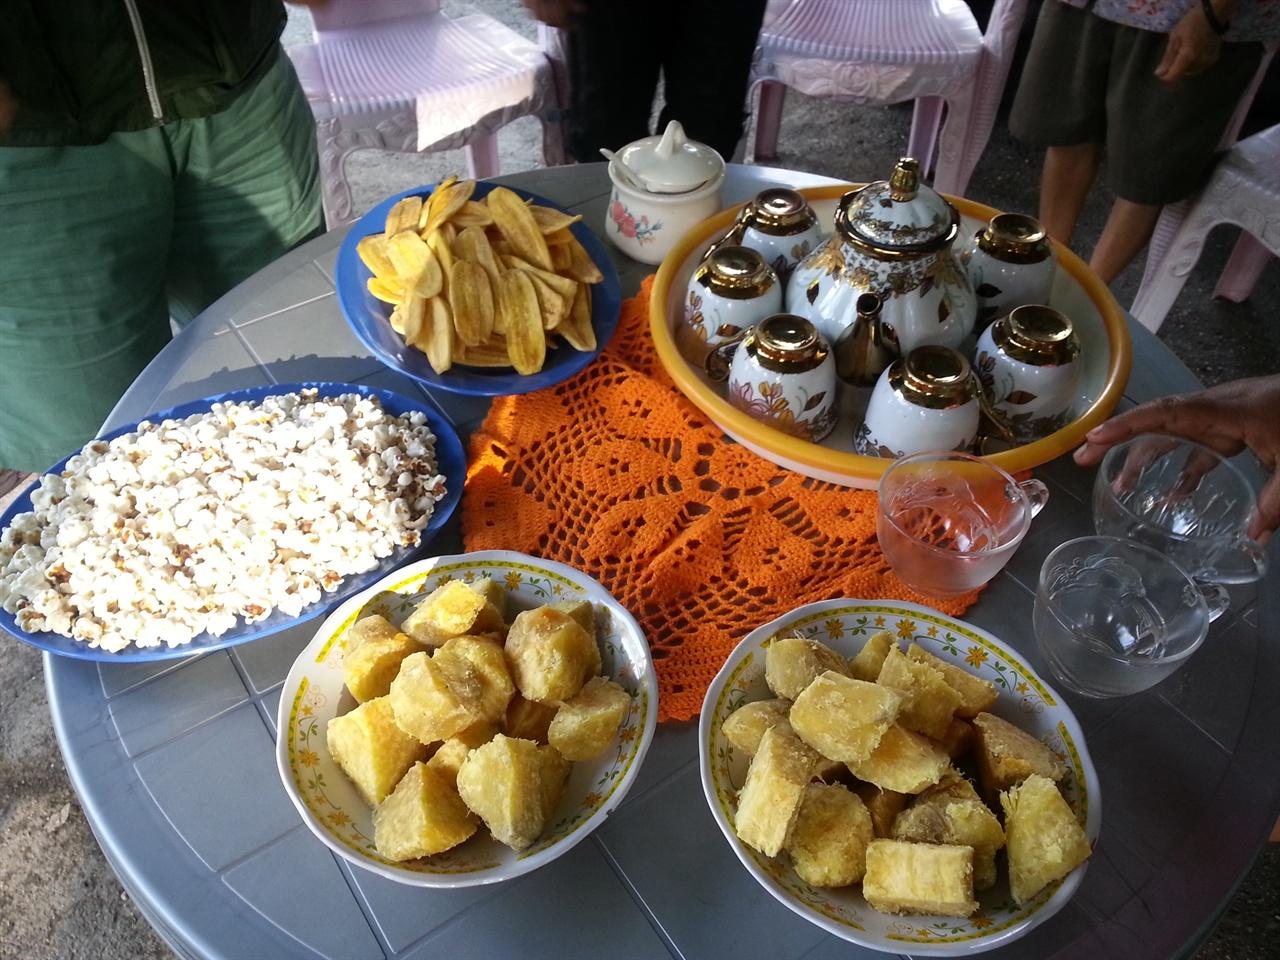 고구마 카브라키 마을주민들이 준비한 커피와 음식